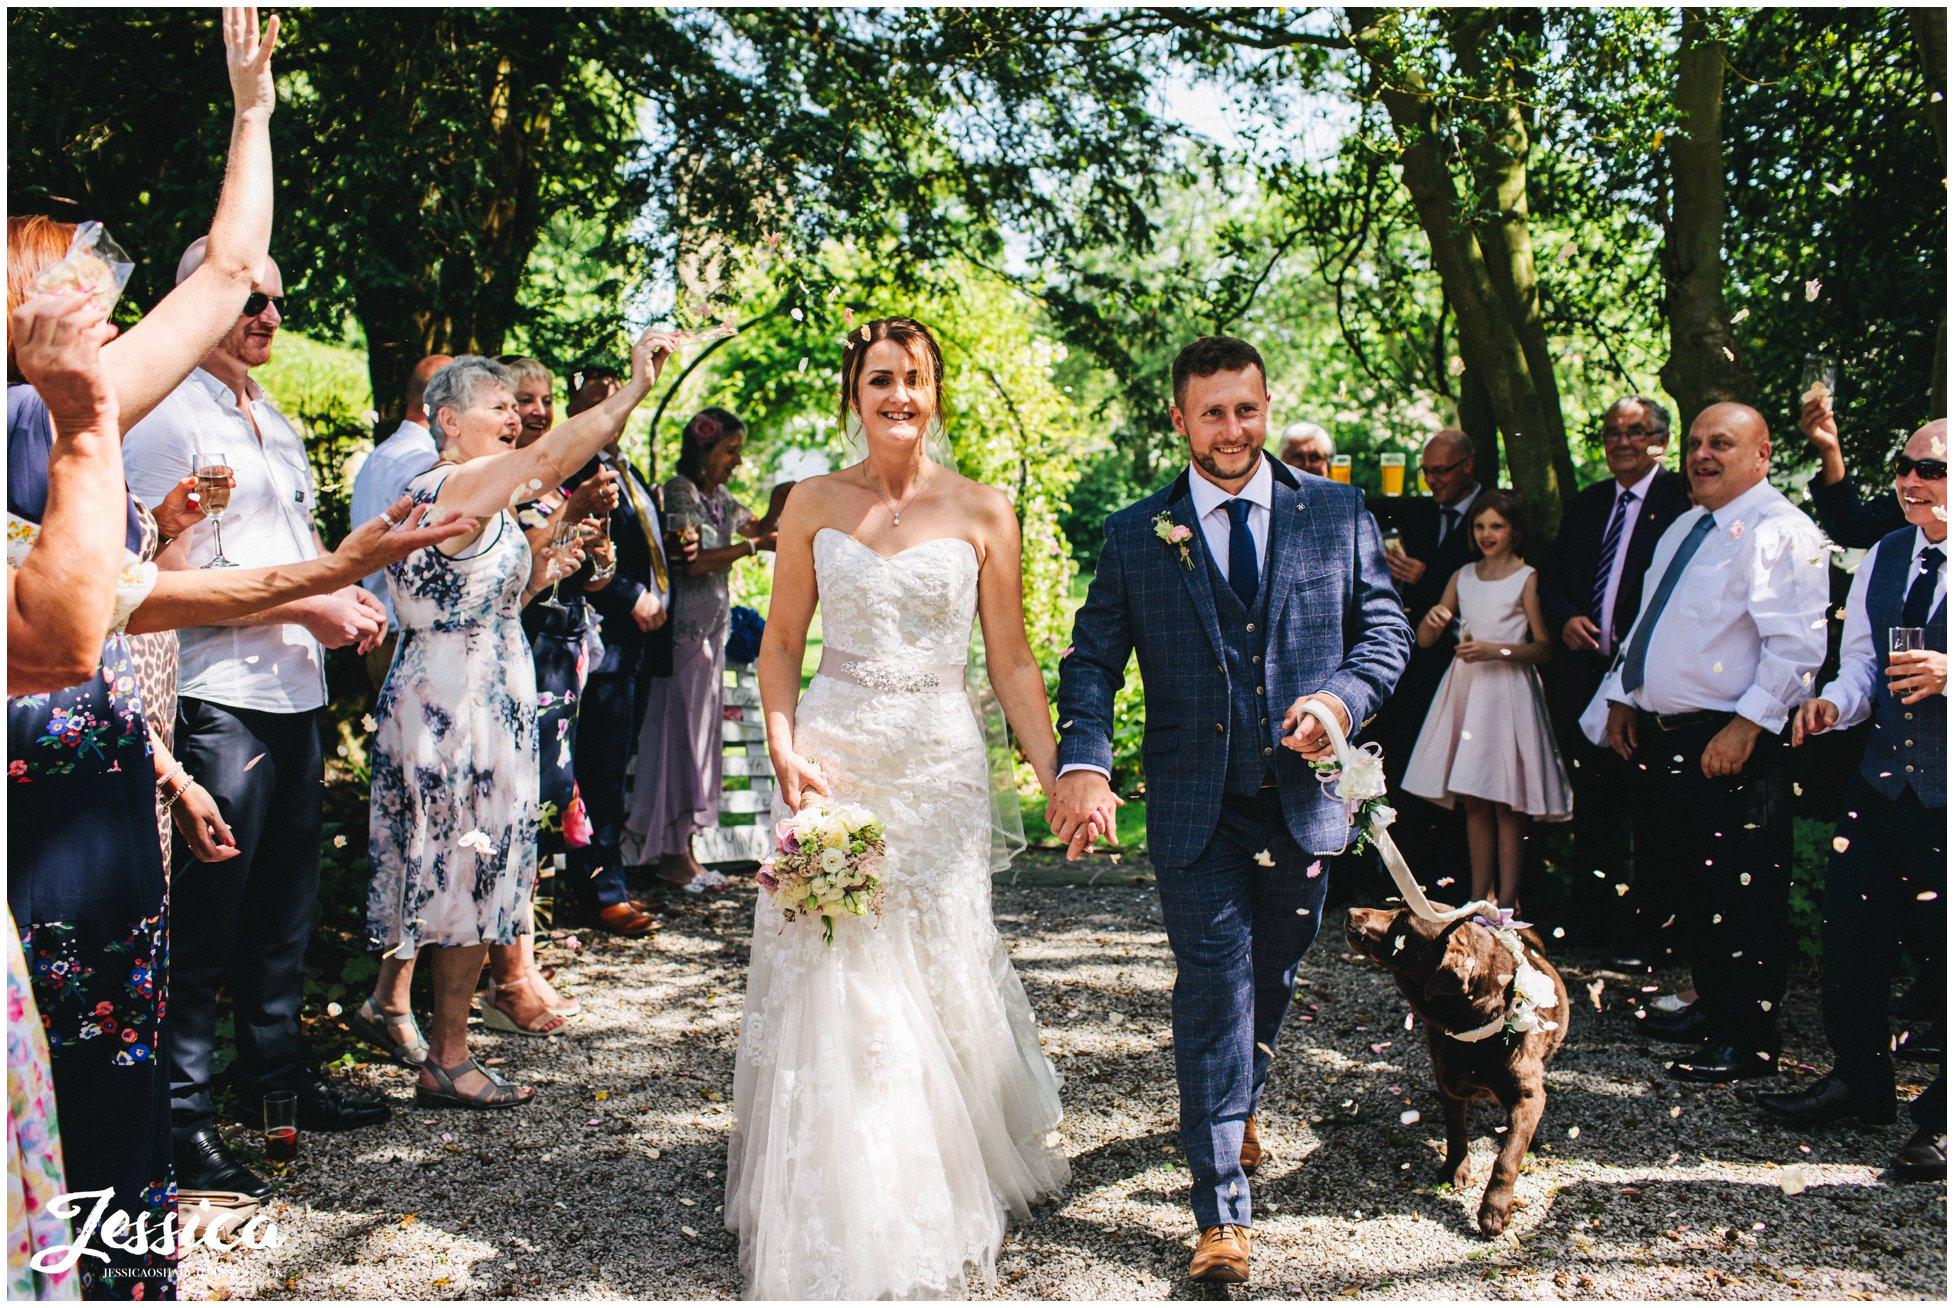 newly wed's walk through confetti line